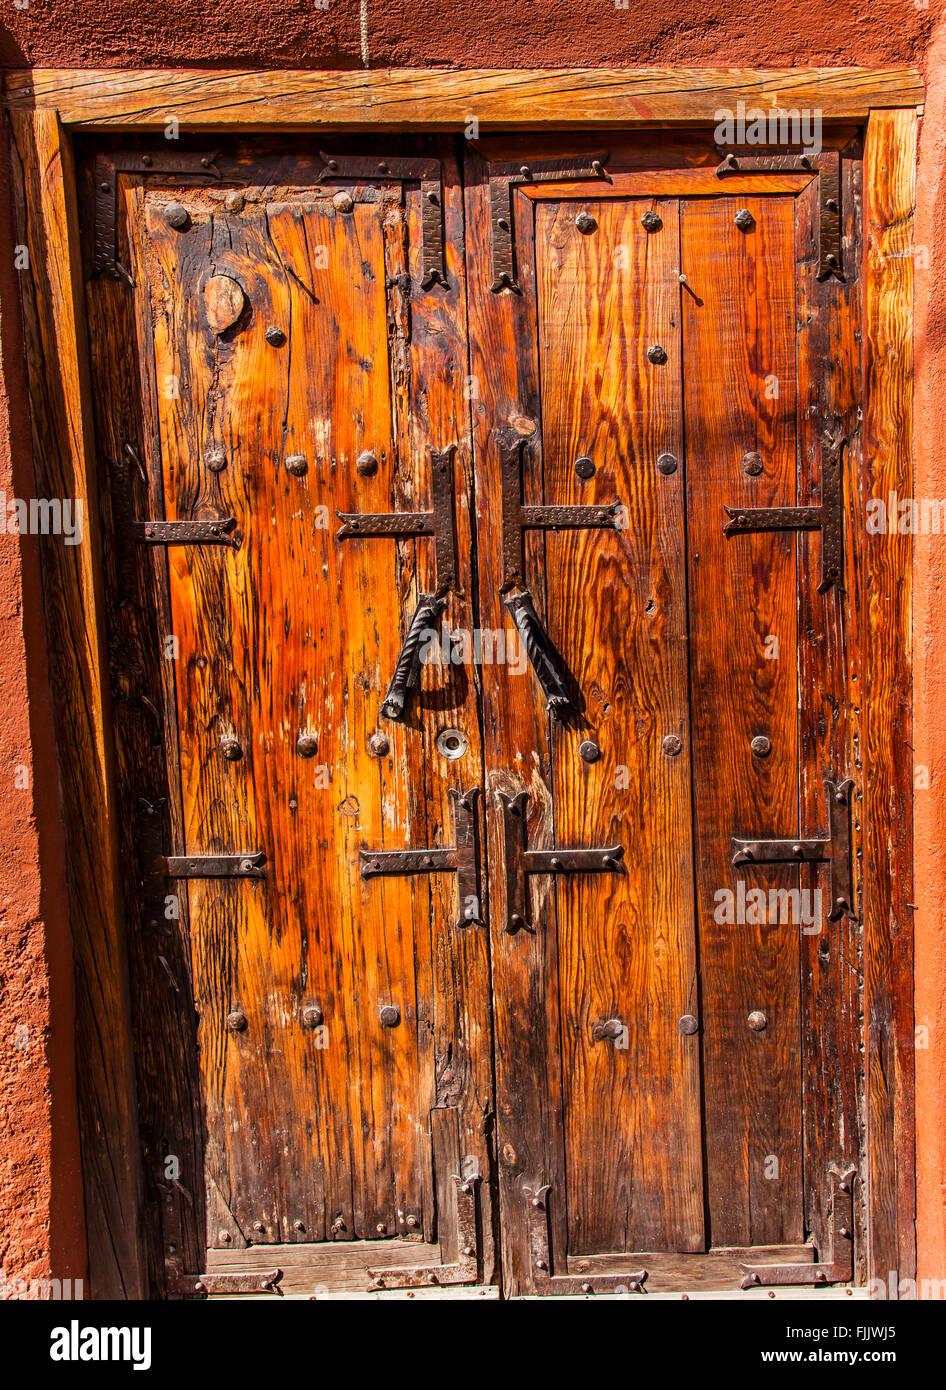 Golden Brown Wooden Door Jardin San Miguel de Allende Mexico - Stock Image